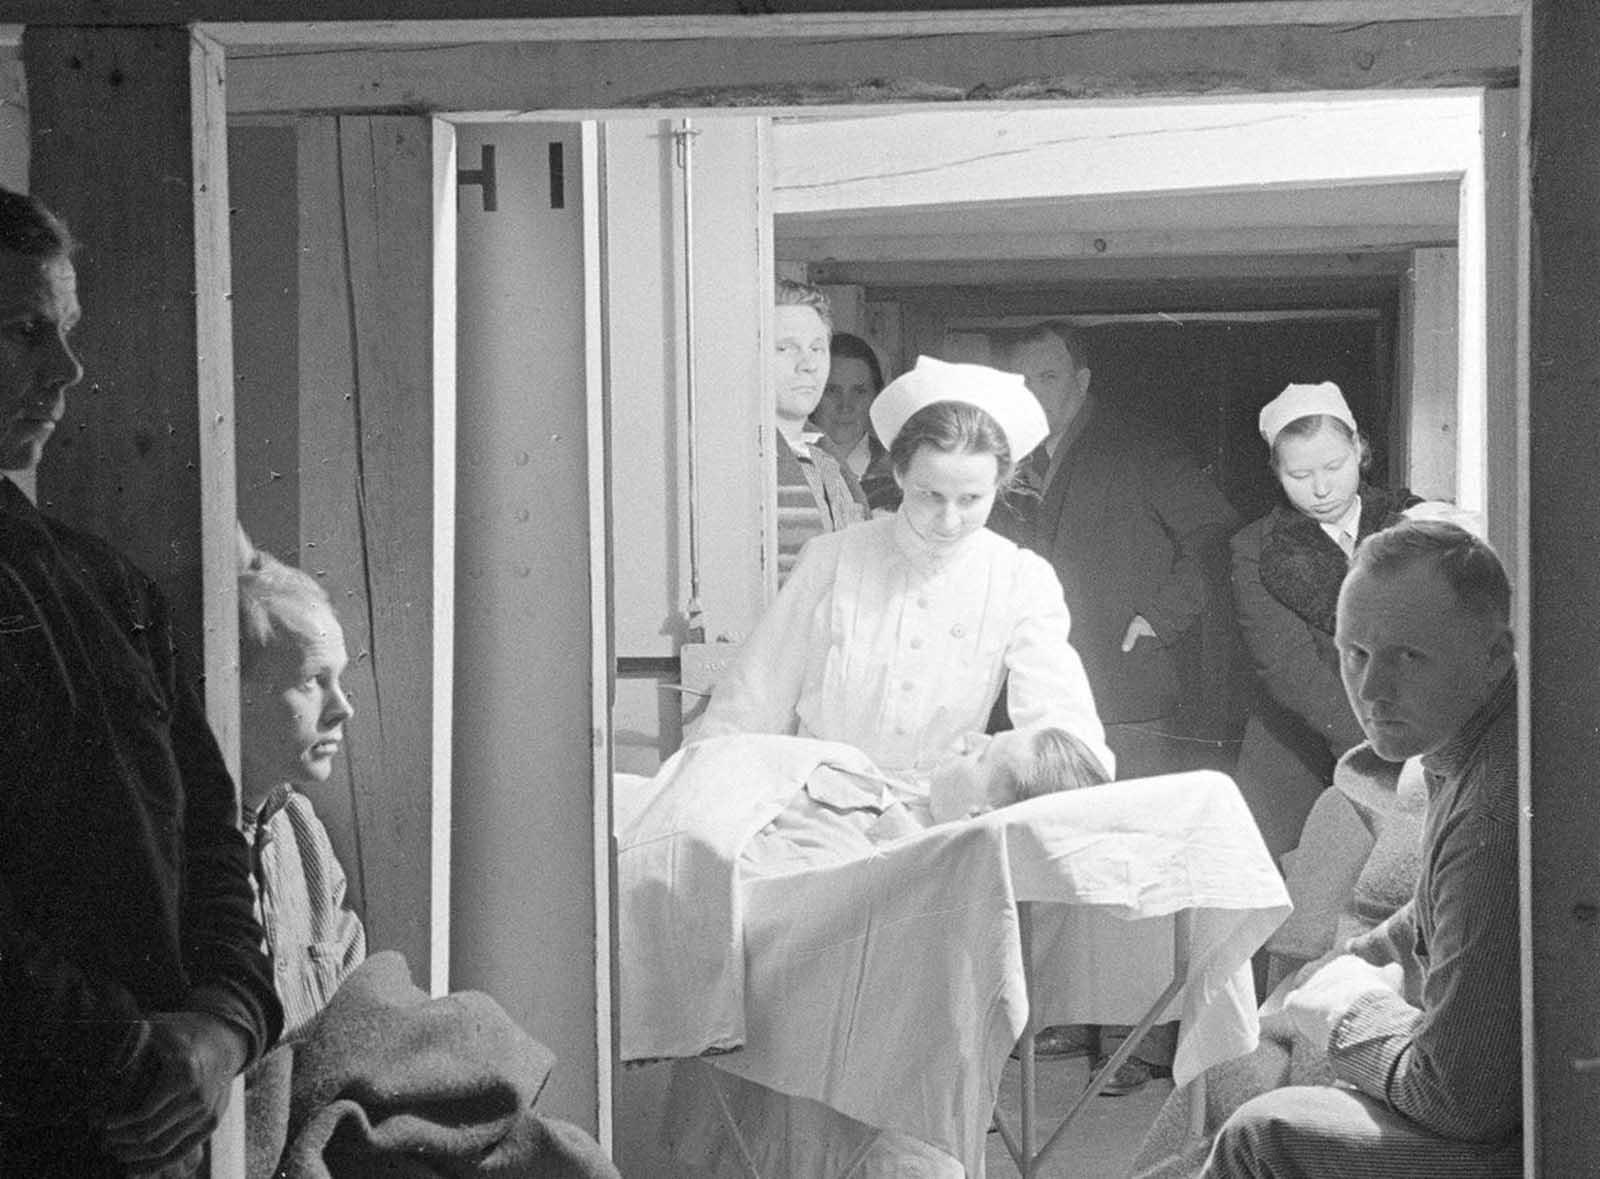 The hospital's bomb shelter in Mikkeli.